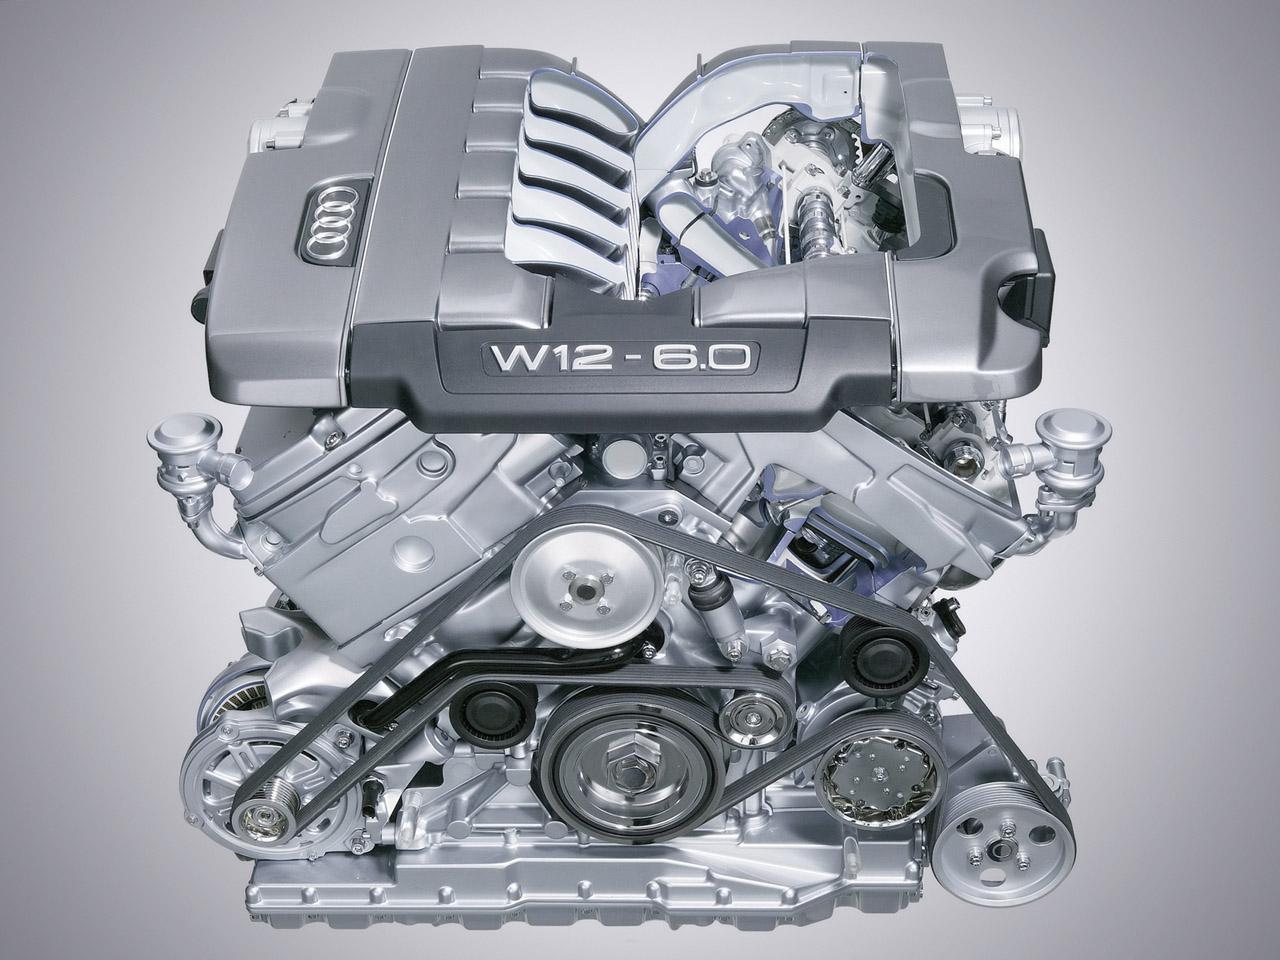 medium resolution of audi a8l engine diagram wiring diagram databasewrg 0912 bentley w16 engine diagram audi a8l engine